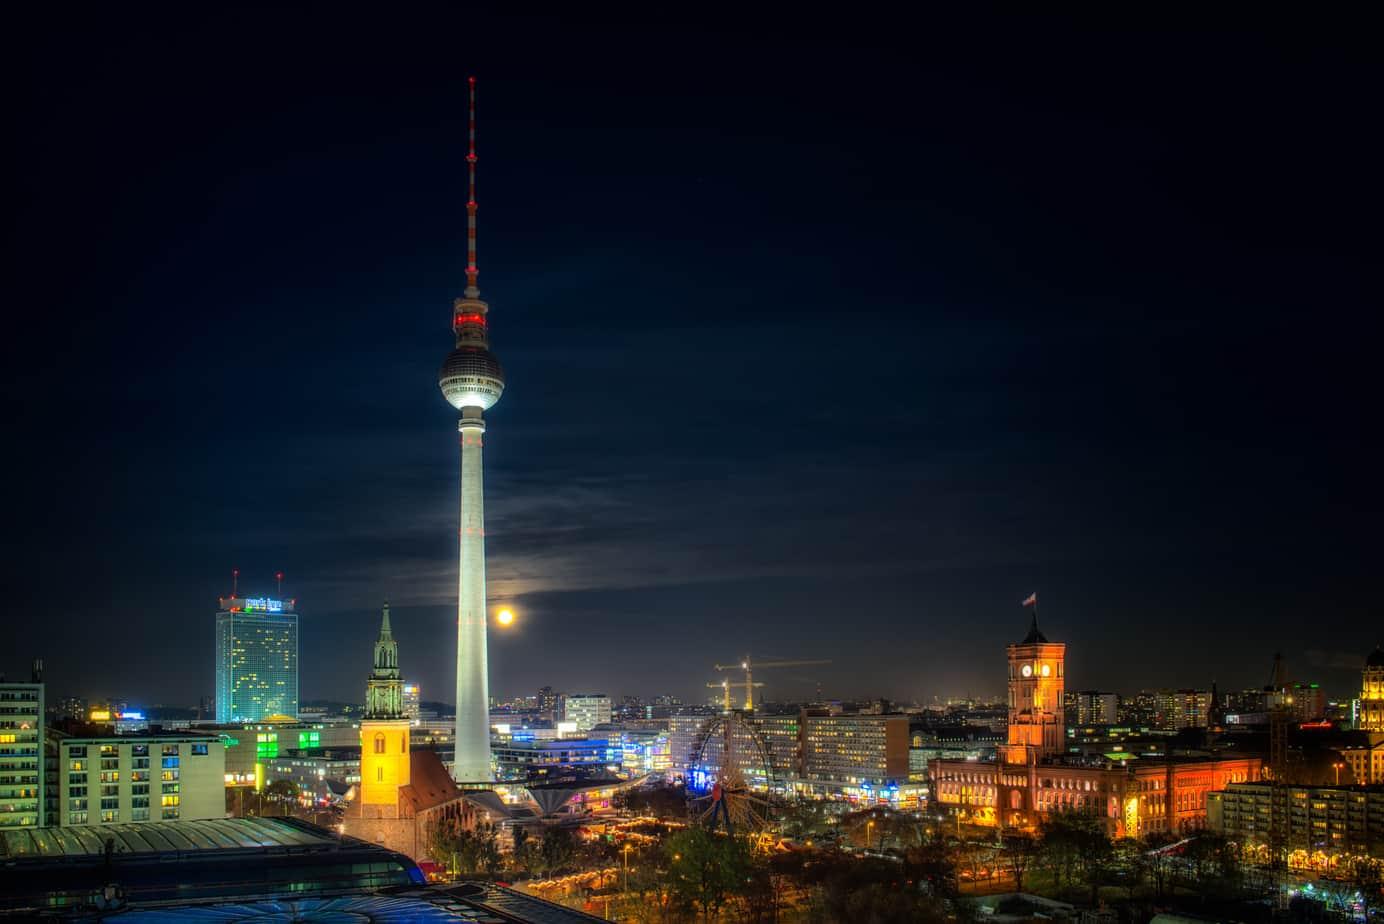 افضل 3 انشطة في برج برلين المانيا